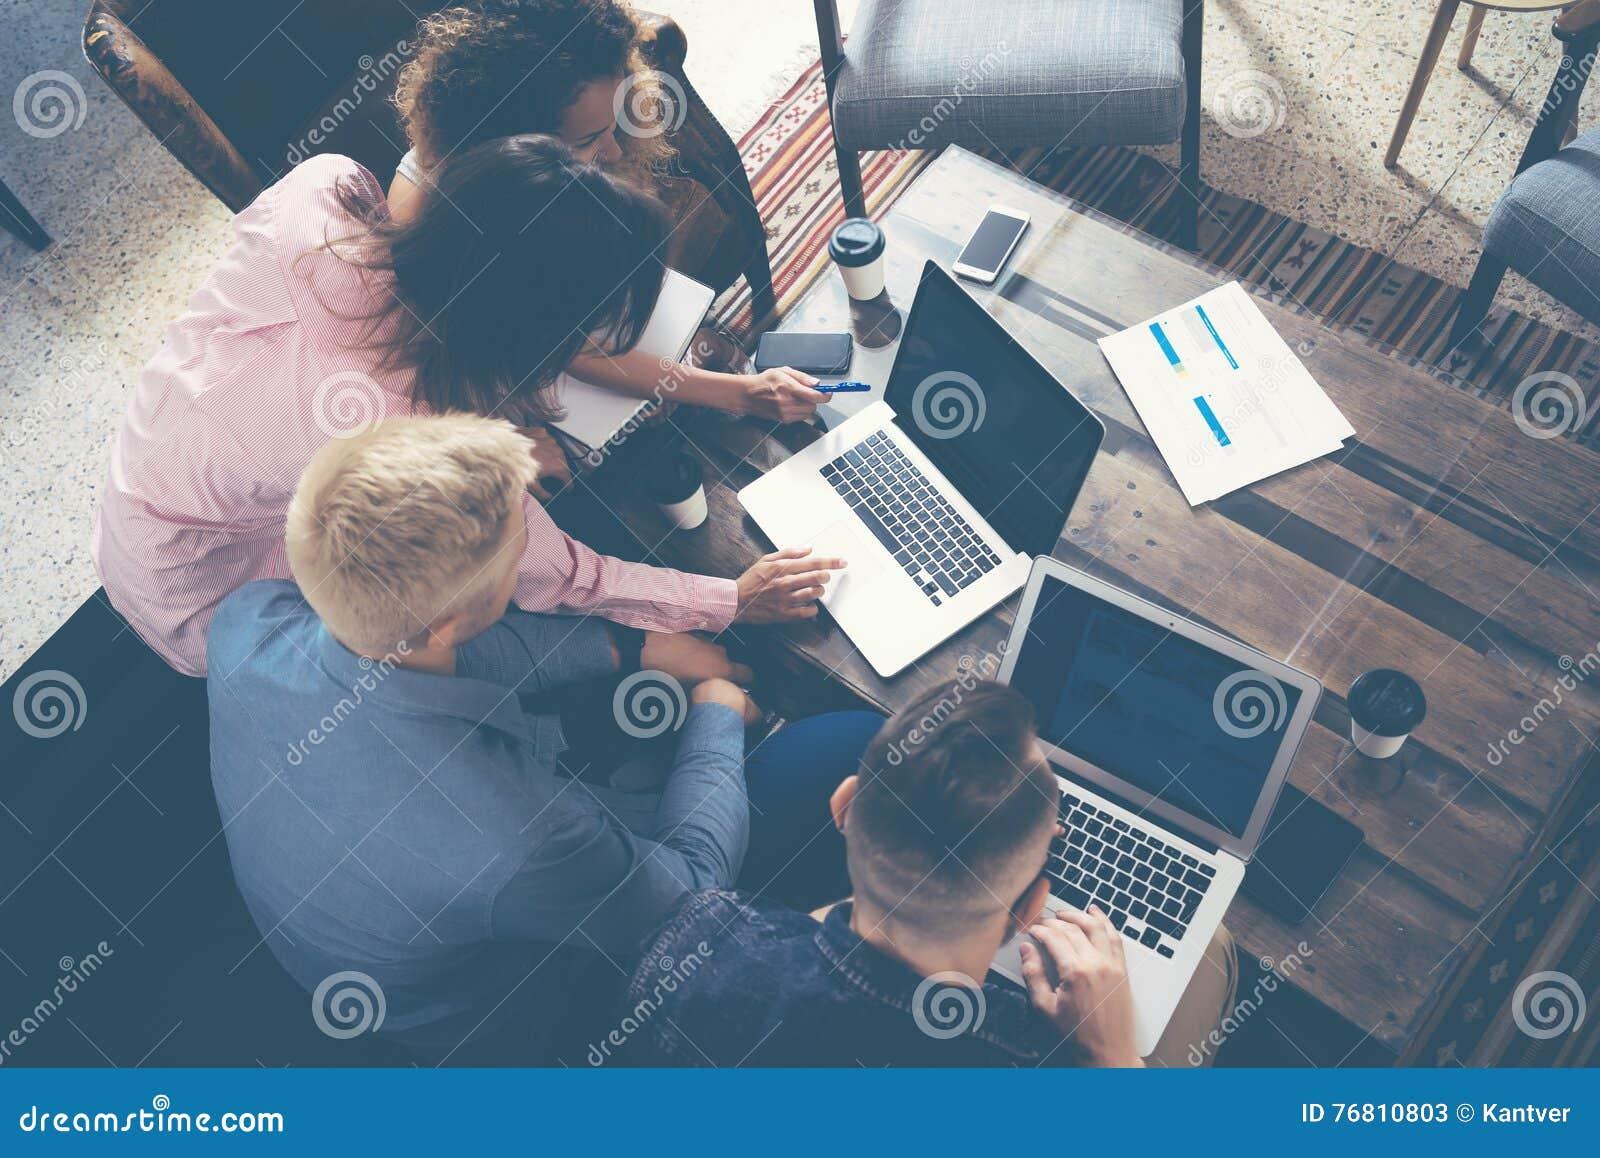 Νέοι συνάδελφοι ομάδας που κάνουν τις μεγάλες επιχειρηματικές αποφάσεις Δημιουργικό ομάδας σύγχρονο γραφείο έννοιας εργασίας συζή